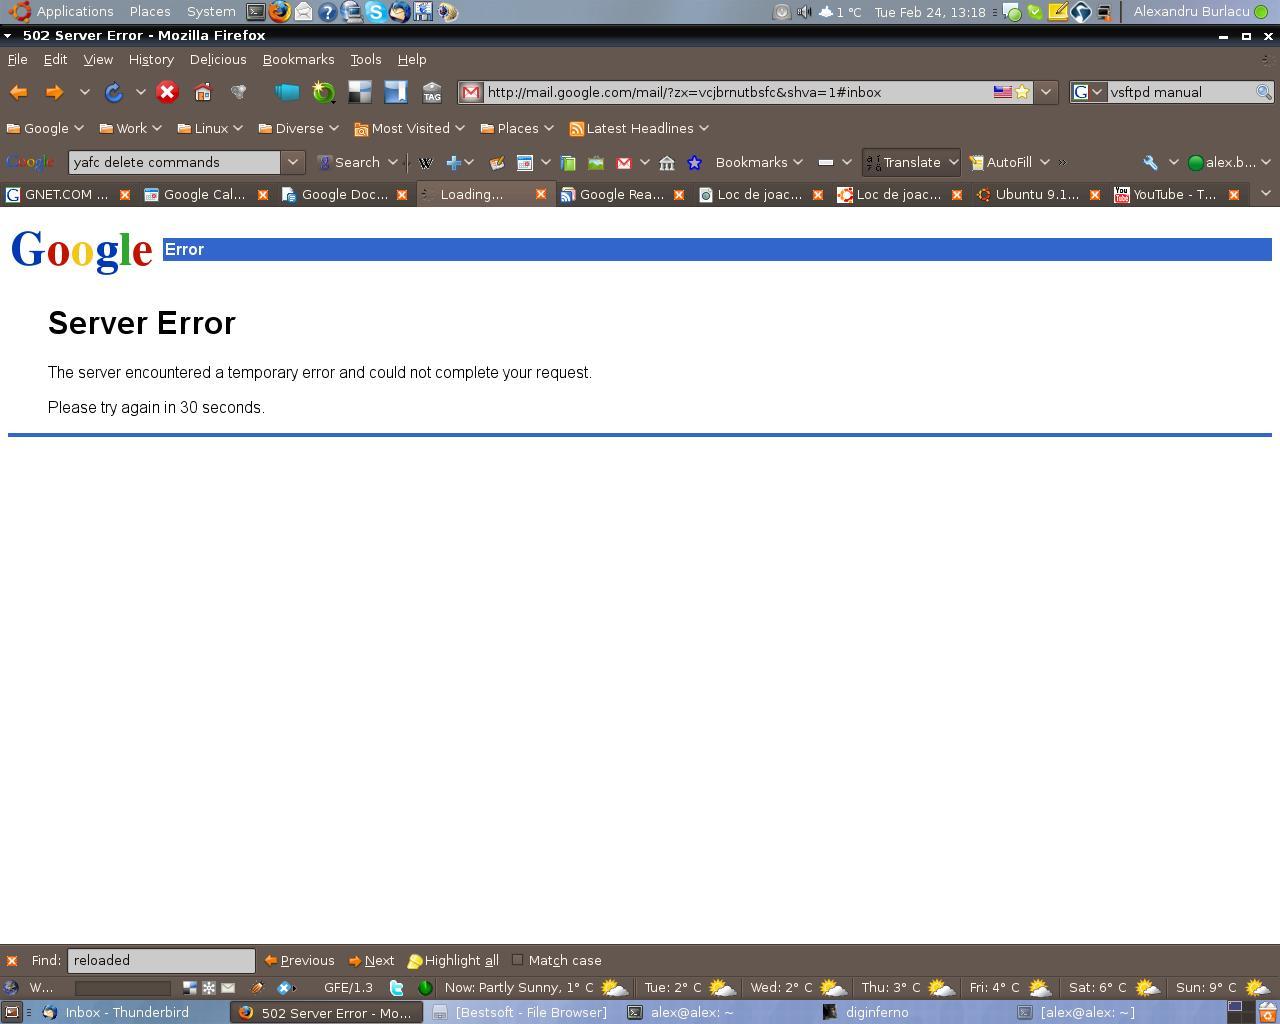 Eroare Gmail.com